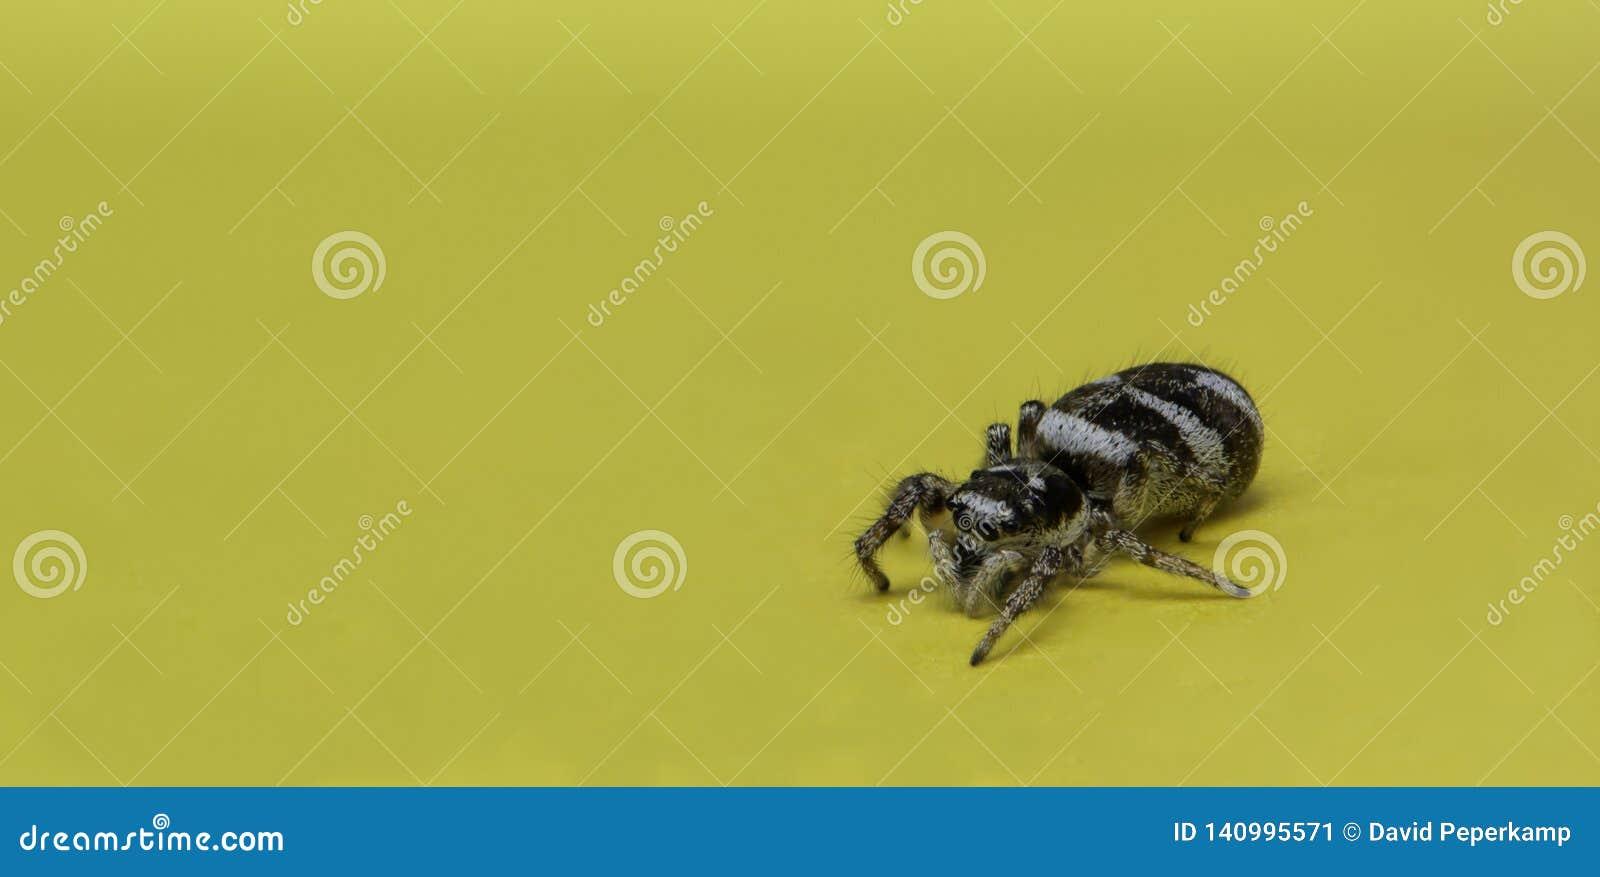 在黄色备忘录笔记的跳跃的蜘蛛,宏观照片